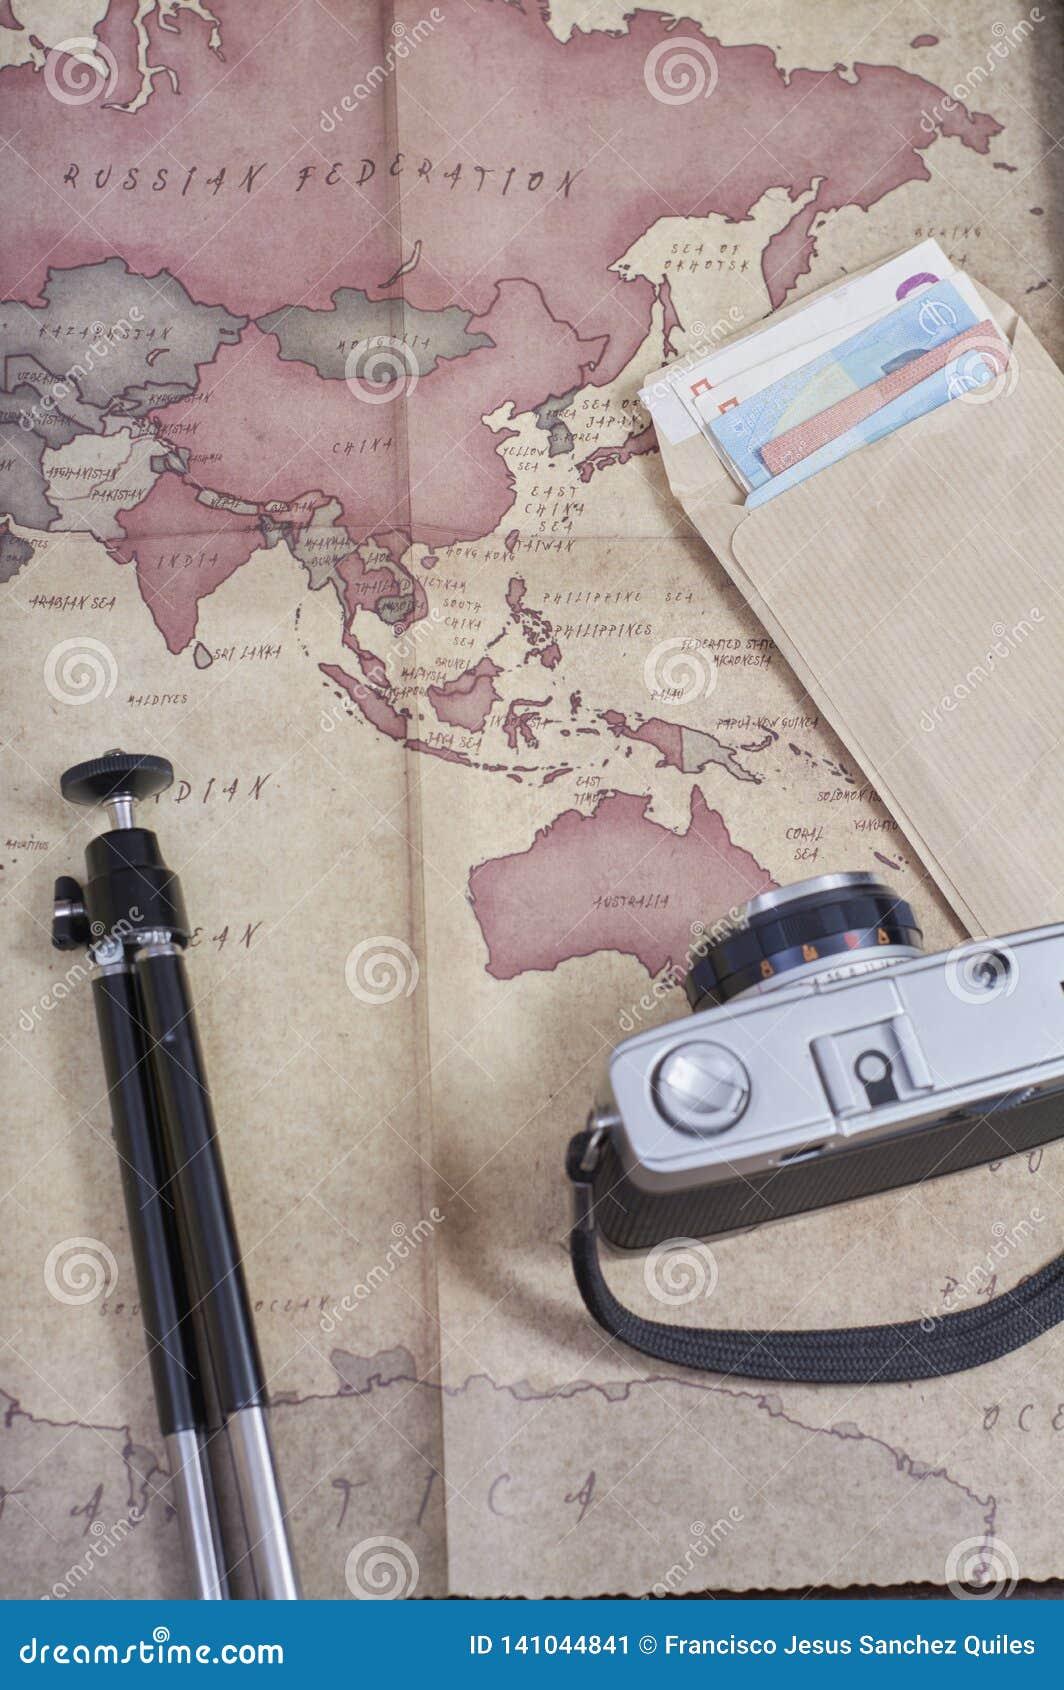 Εκλεκτής ποιότητας φωτογραφική κάμερα δίπλα σε έναν χάρτη, ένα τρίποδο και έναν φάκελο των χρημάτων σε ευρώ που προετοιμάζουν ένα